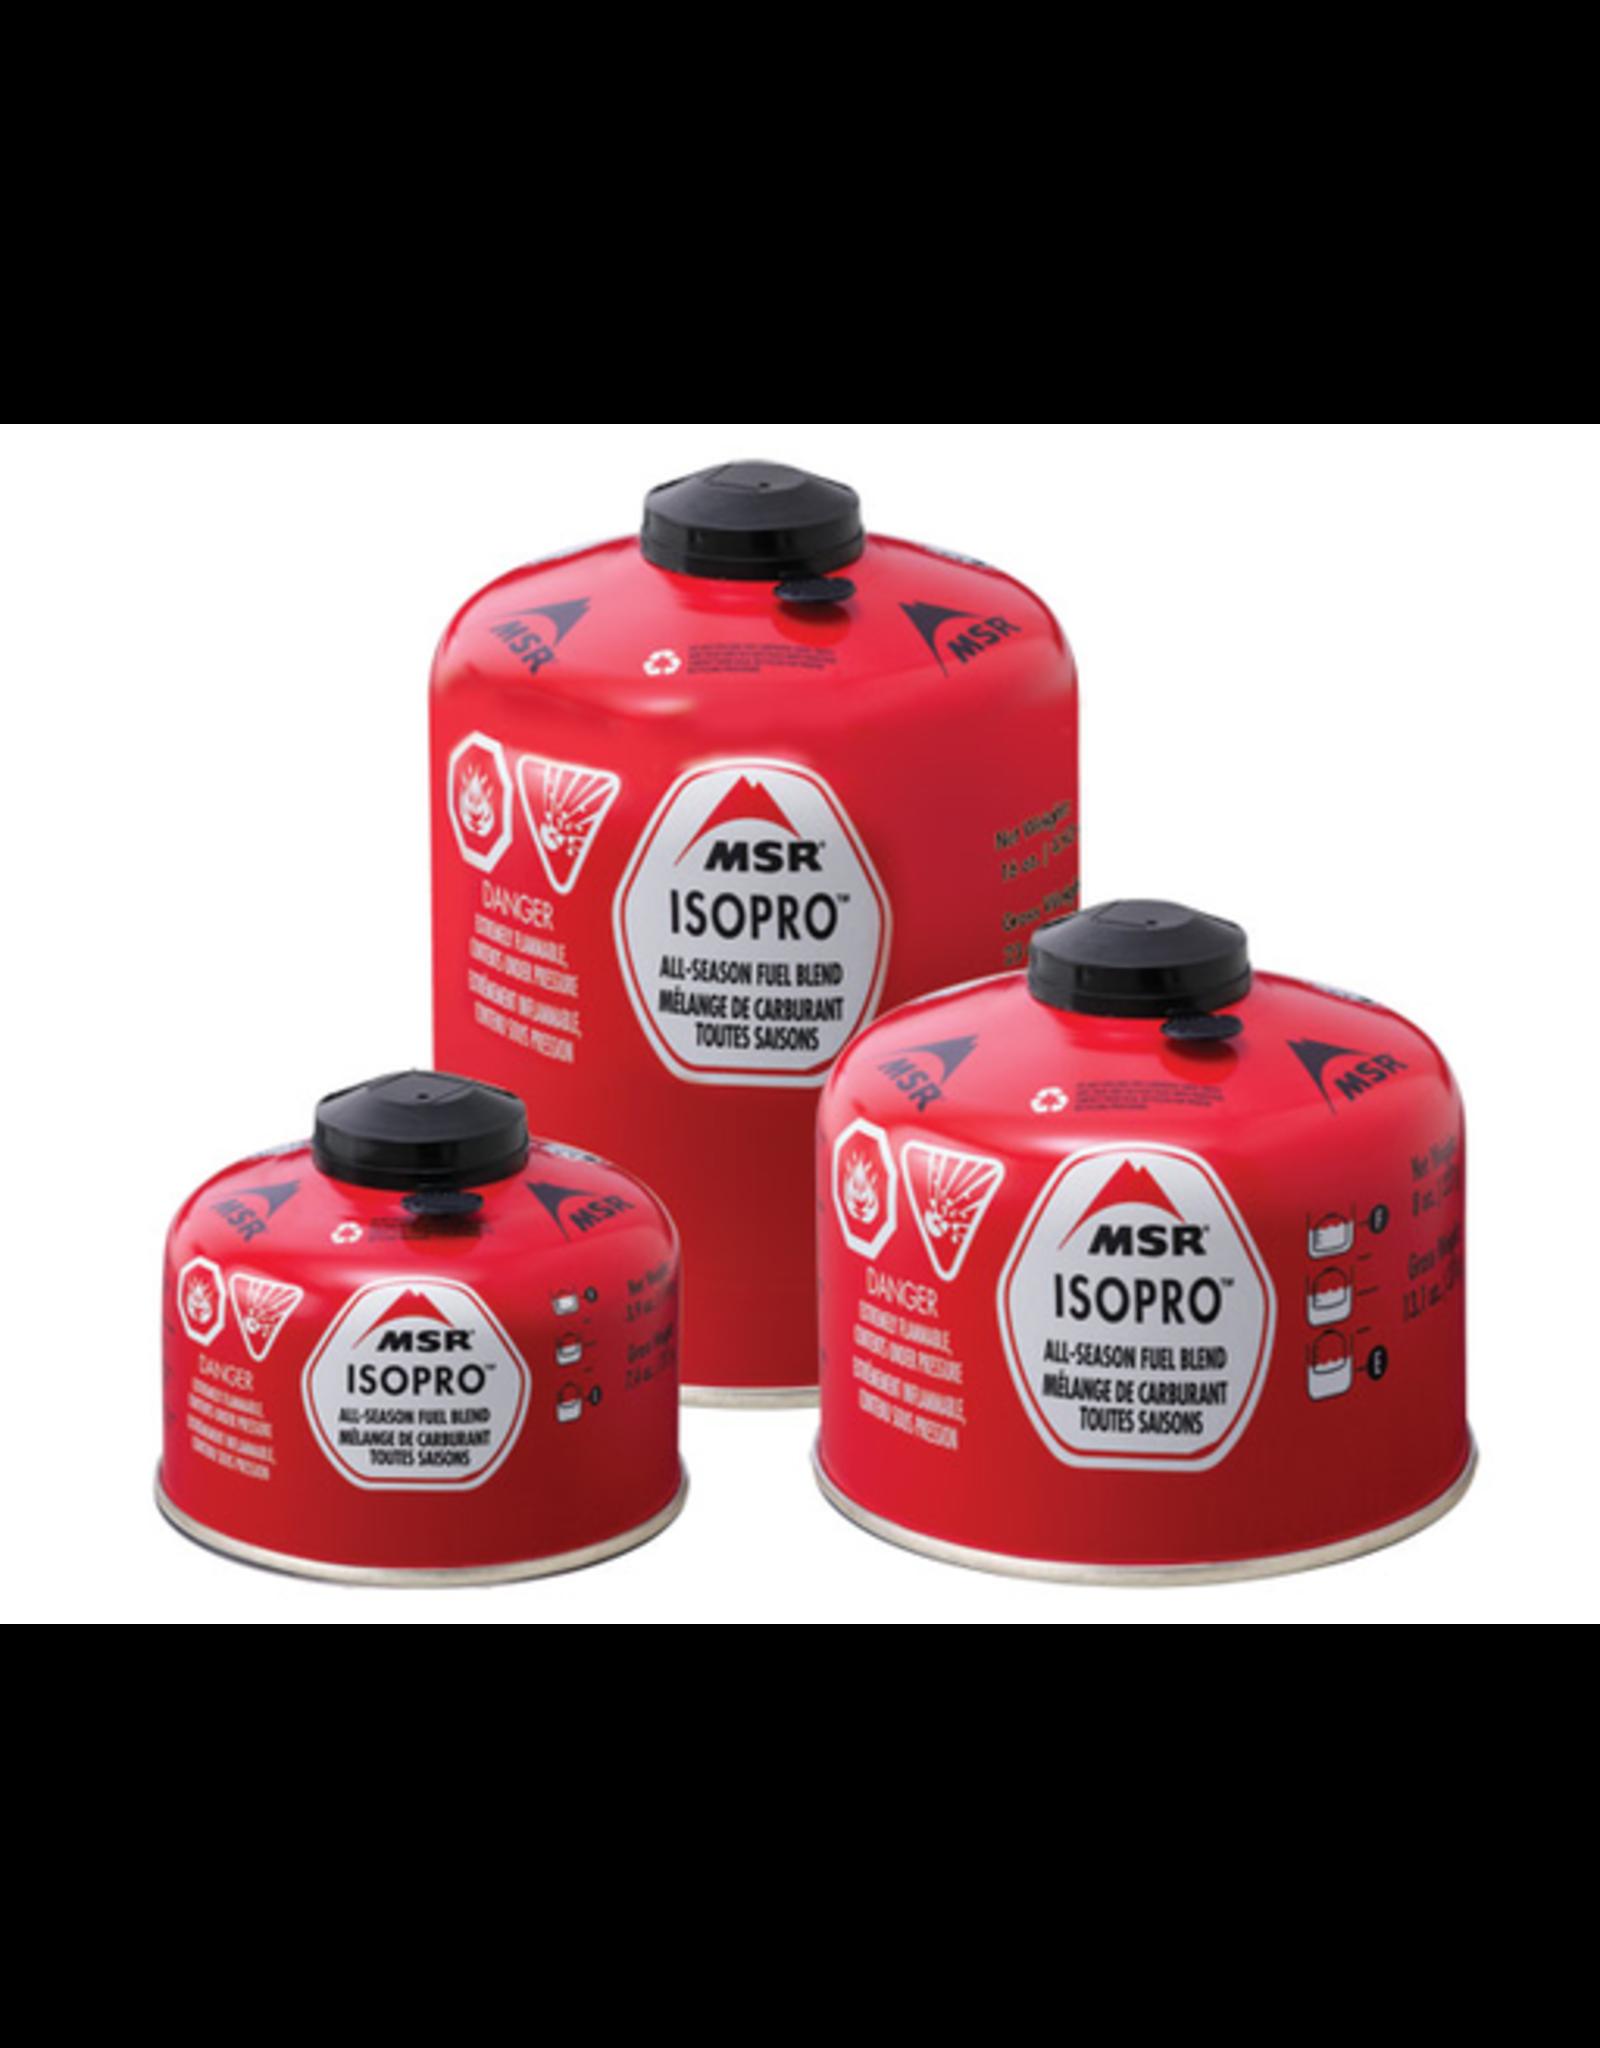 MSR MSR ISOPRO 8 oz. CANISTER Fuel Bottle